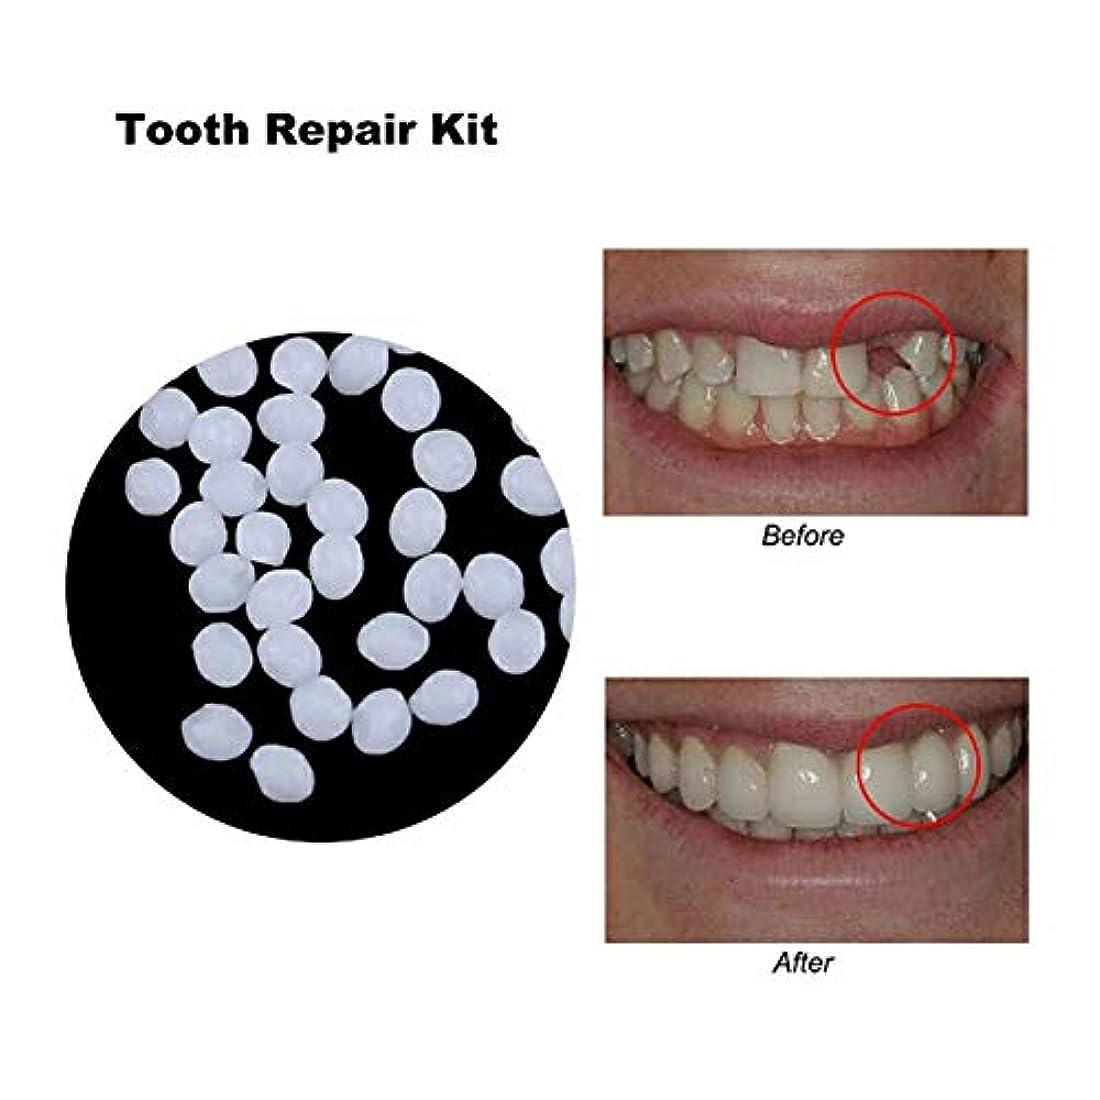 ファランクスかすかな振るの歯の修復キットク ,偽歯固体接着剤 - 樹脂の歯とギャップのための一時的な化粧品義歯接着剤